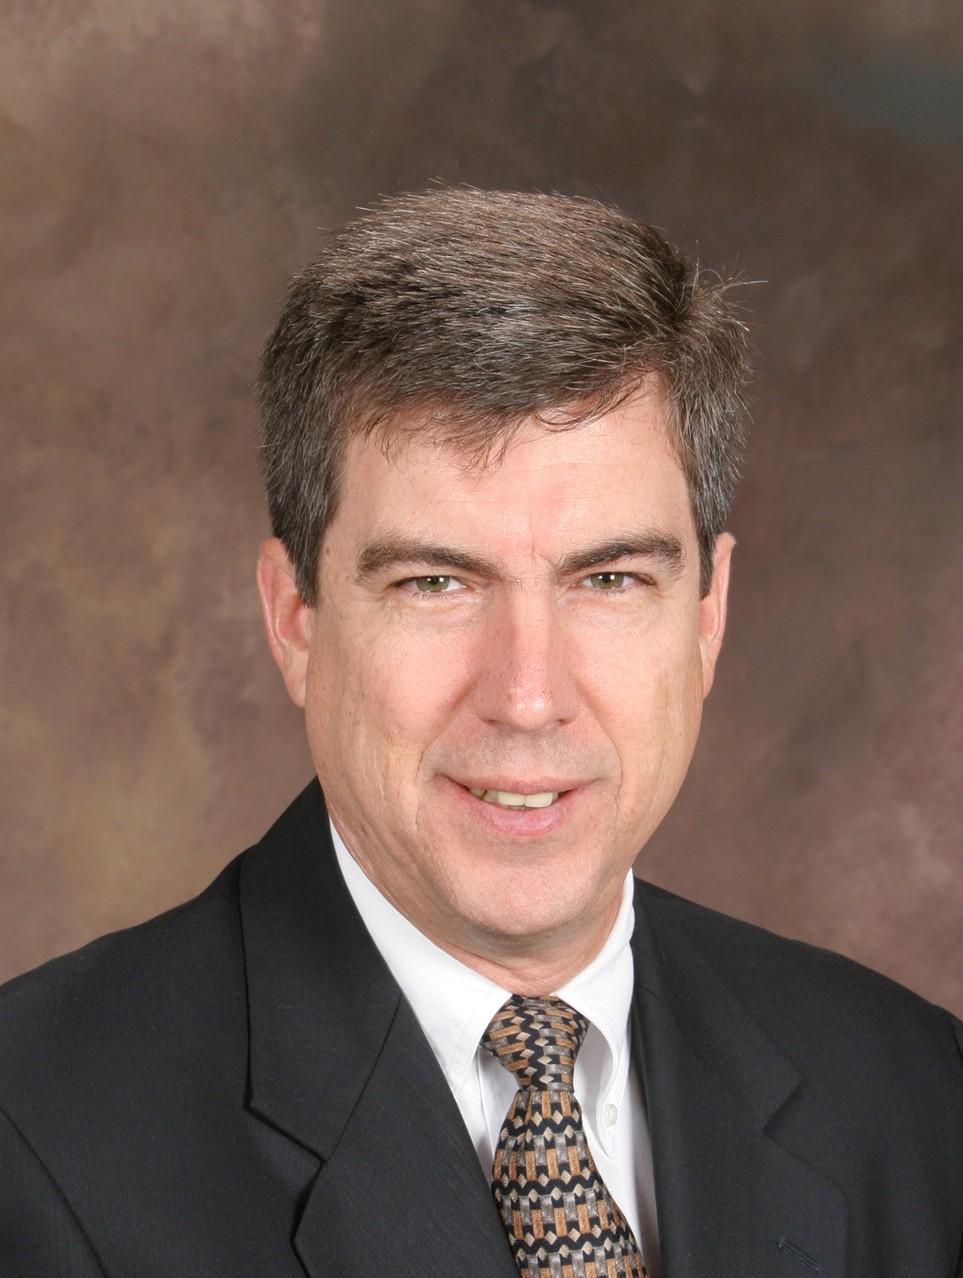 Dr. Robert Chasuk